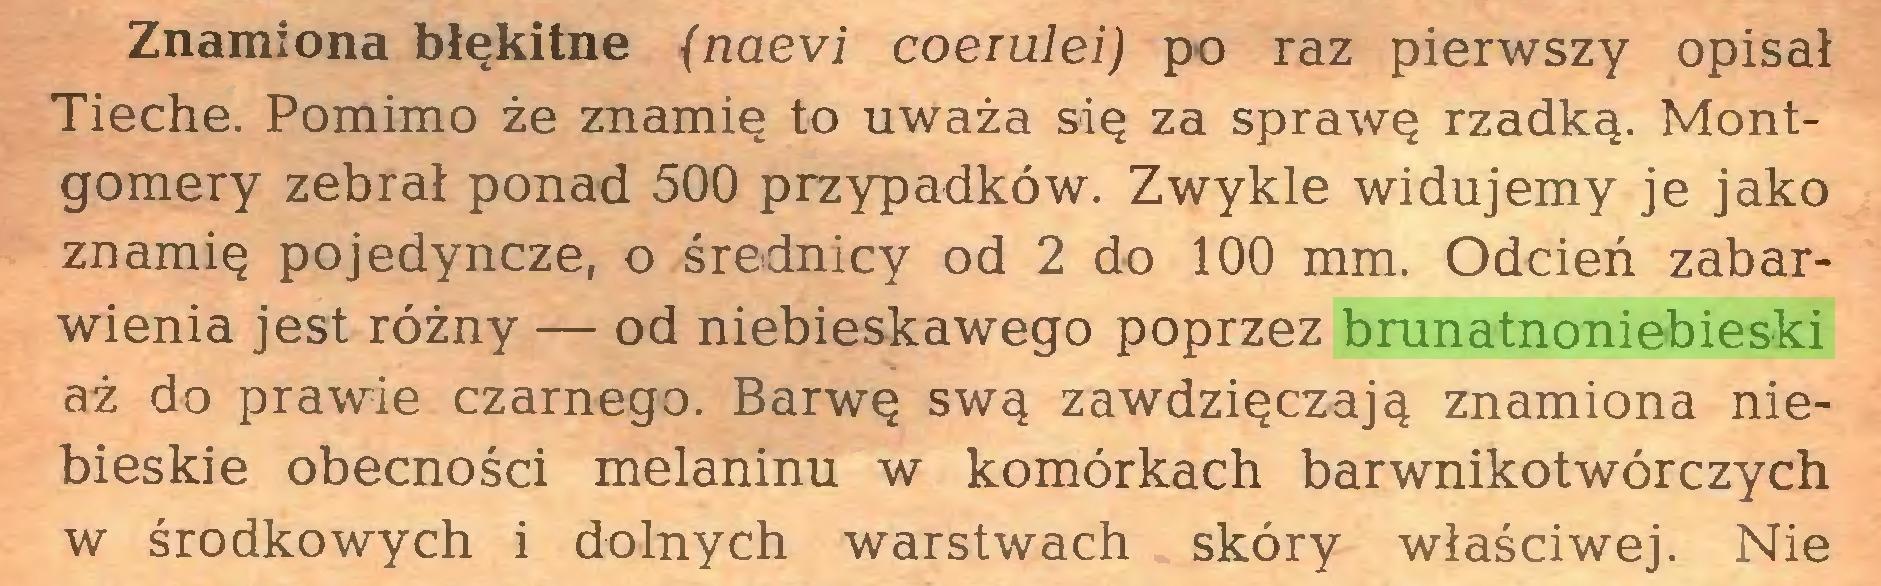 (...) Znamiona błękitne (naevi coerulei) po raz pierwszy opisał Tieche. Pomimo że znamię to uważa się za sprawę rzadką. Montgomery zebrał ponad 500 przypadków. Zwykle widujemy je jako znamię pojedyncze, o średnicy od 2 do 100 mm. Odcień zabarwienia jest różny — od niebieskawego poprzez brunatnoniebieski aż do prawie czarnego. Barwę swą zawdzięczają znamiona niebieskie obecności melaninu w komórkach barwnikotwórczych w środkowych i dolnych warstwach skóry właściwej. Nie...